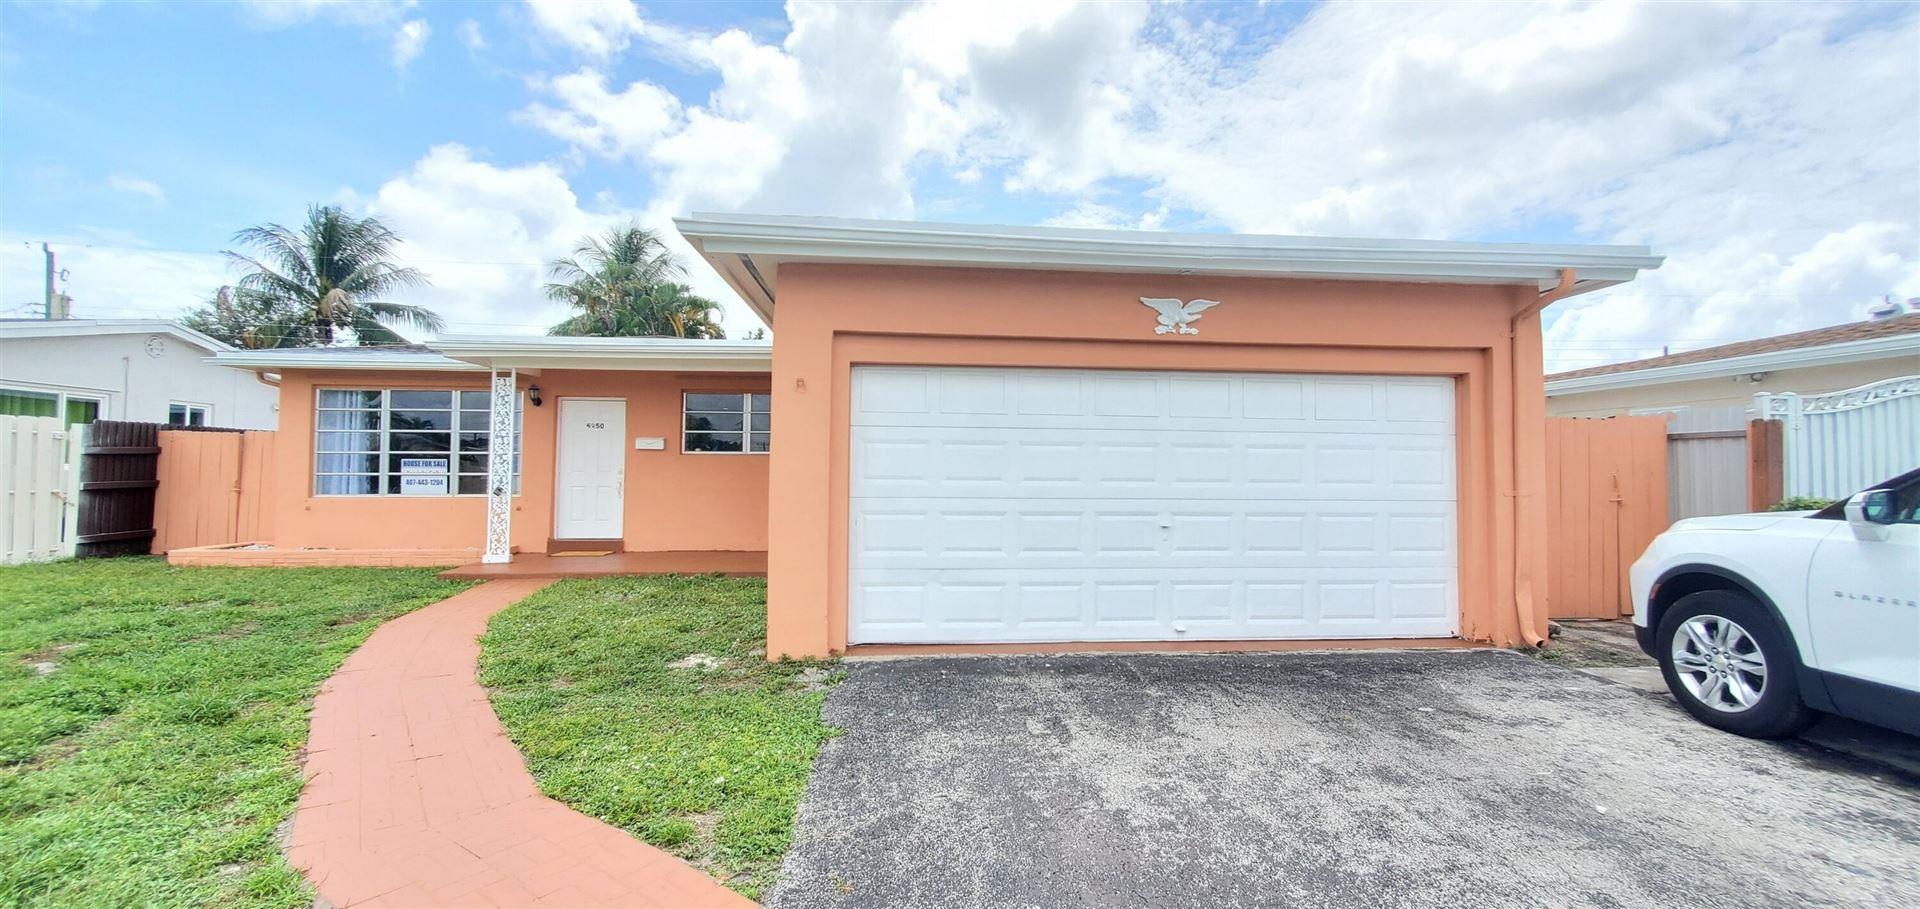 6950 SW 10 Street SW, Pembroke Pines, FL 33023 - MLS#: RX-10745480